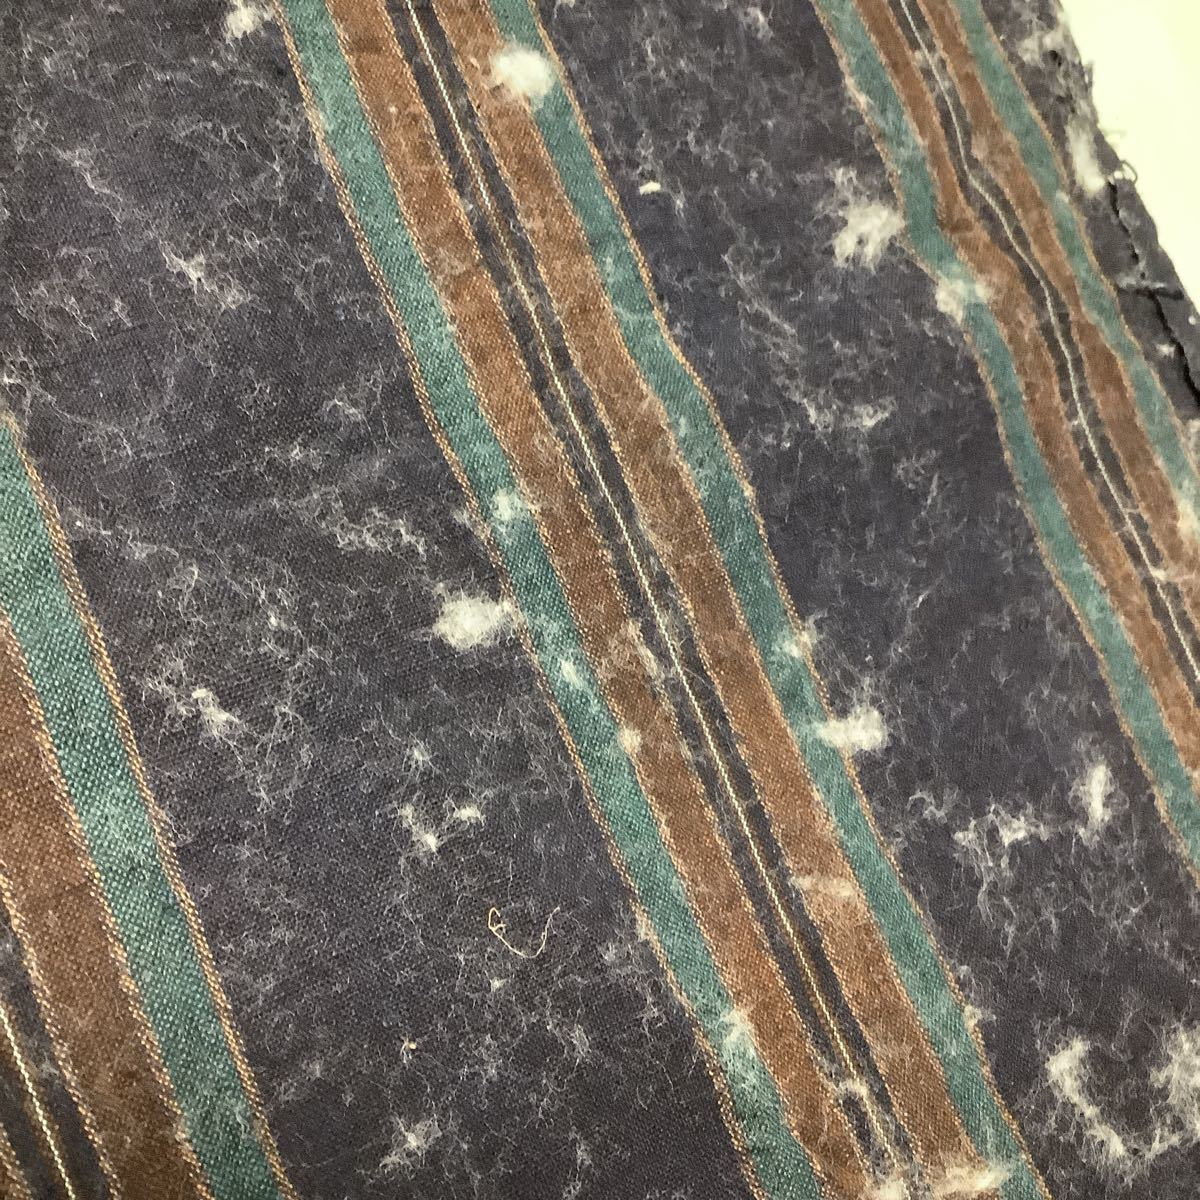 ◆古布前掛け専門屋◆滋賀県より◆手織り木綿◆縞絣◆本藍染◆草木染◆ベンガラ染◆3幅三巾◆184cm◆刺子絣縞型染布団側裂織筒描き襤褸野良_画像7